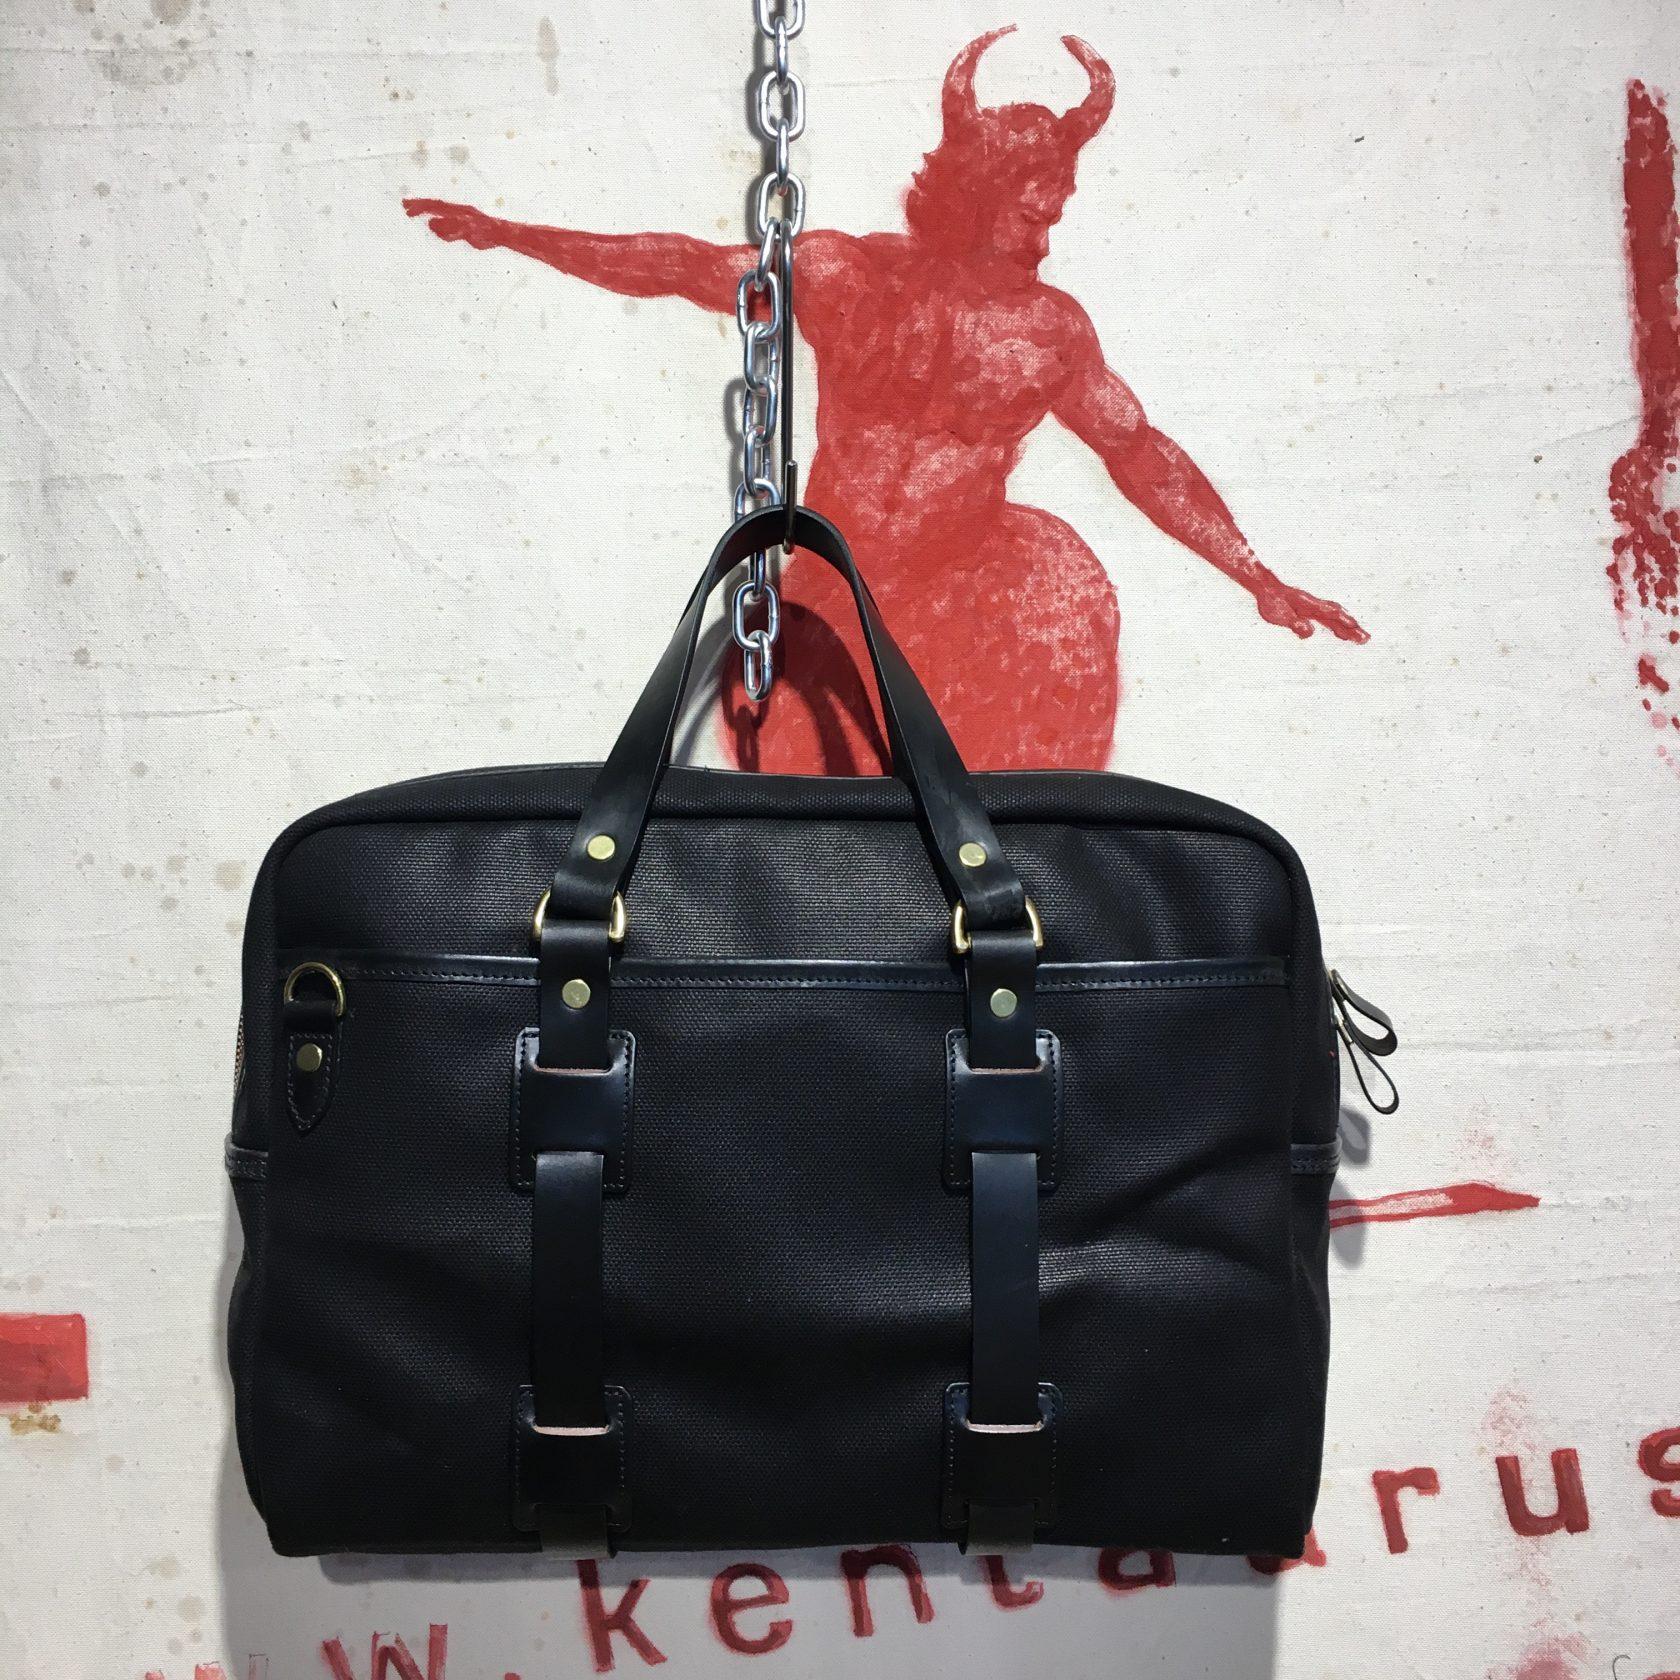 Croots canvas bag black